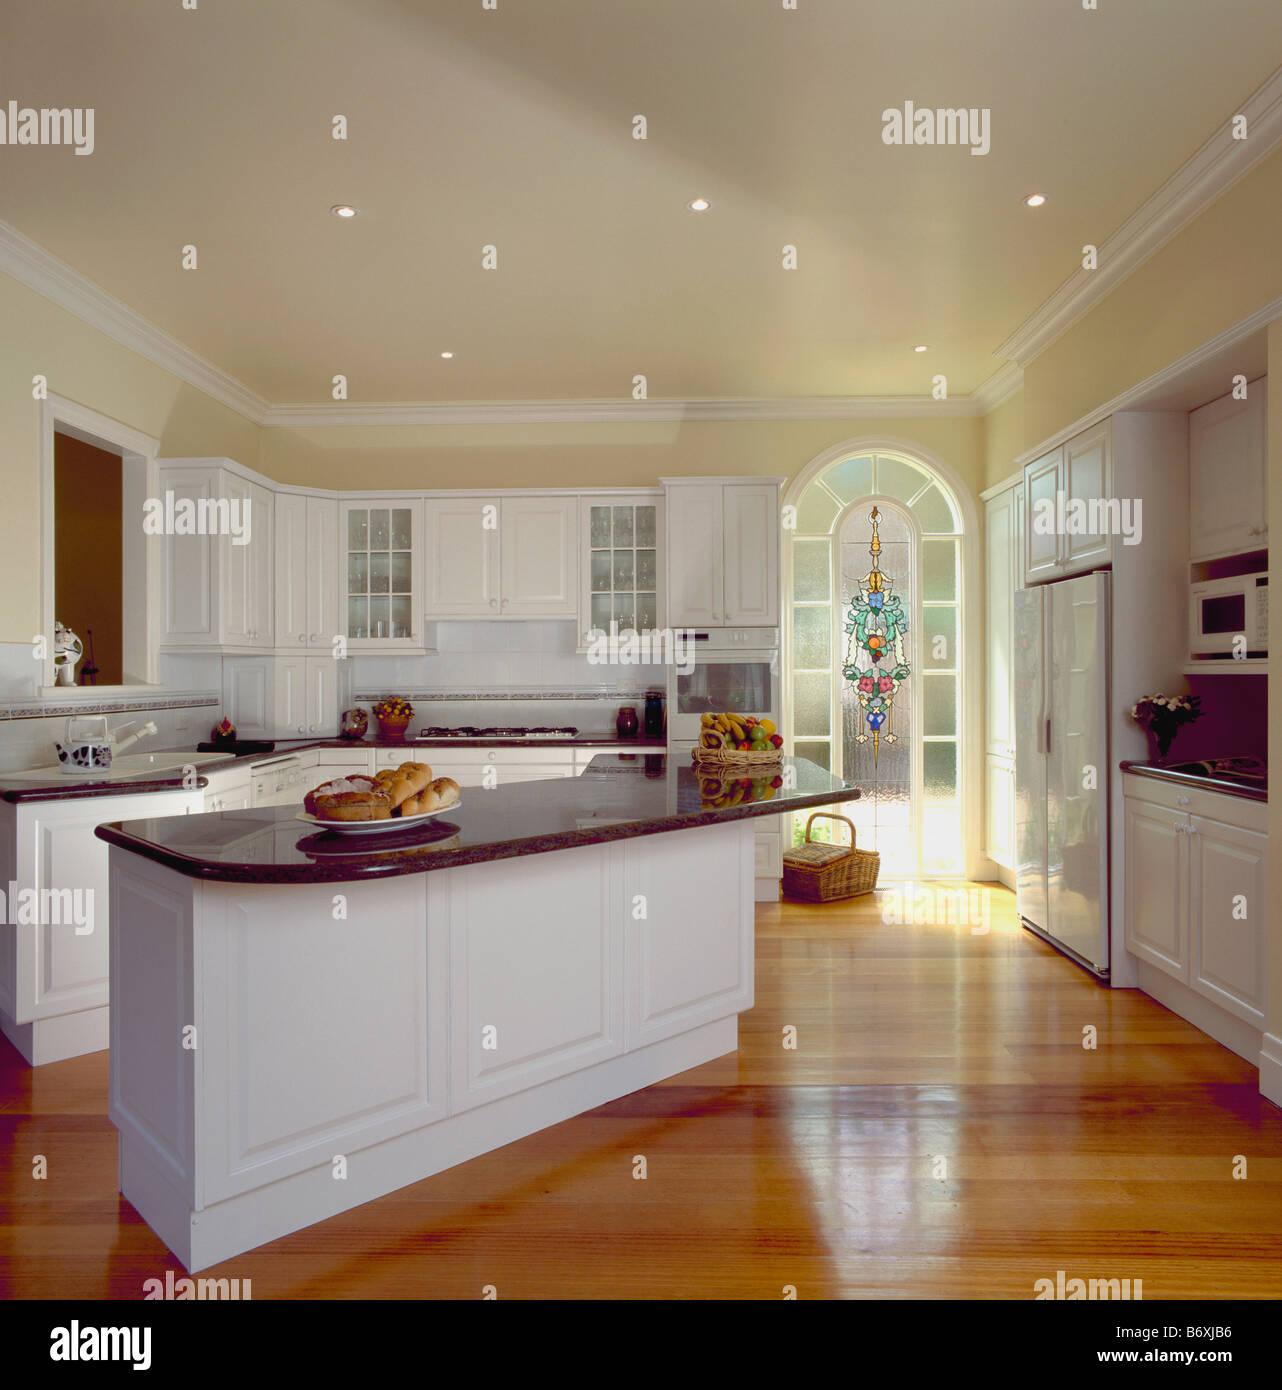 Suelos de madera lacada y la isla blanca unidad con encimera de granito negro en la moderna cocina blanca con arcos puerta acristalada